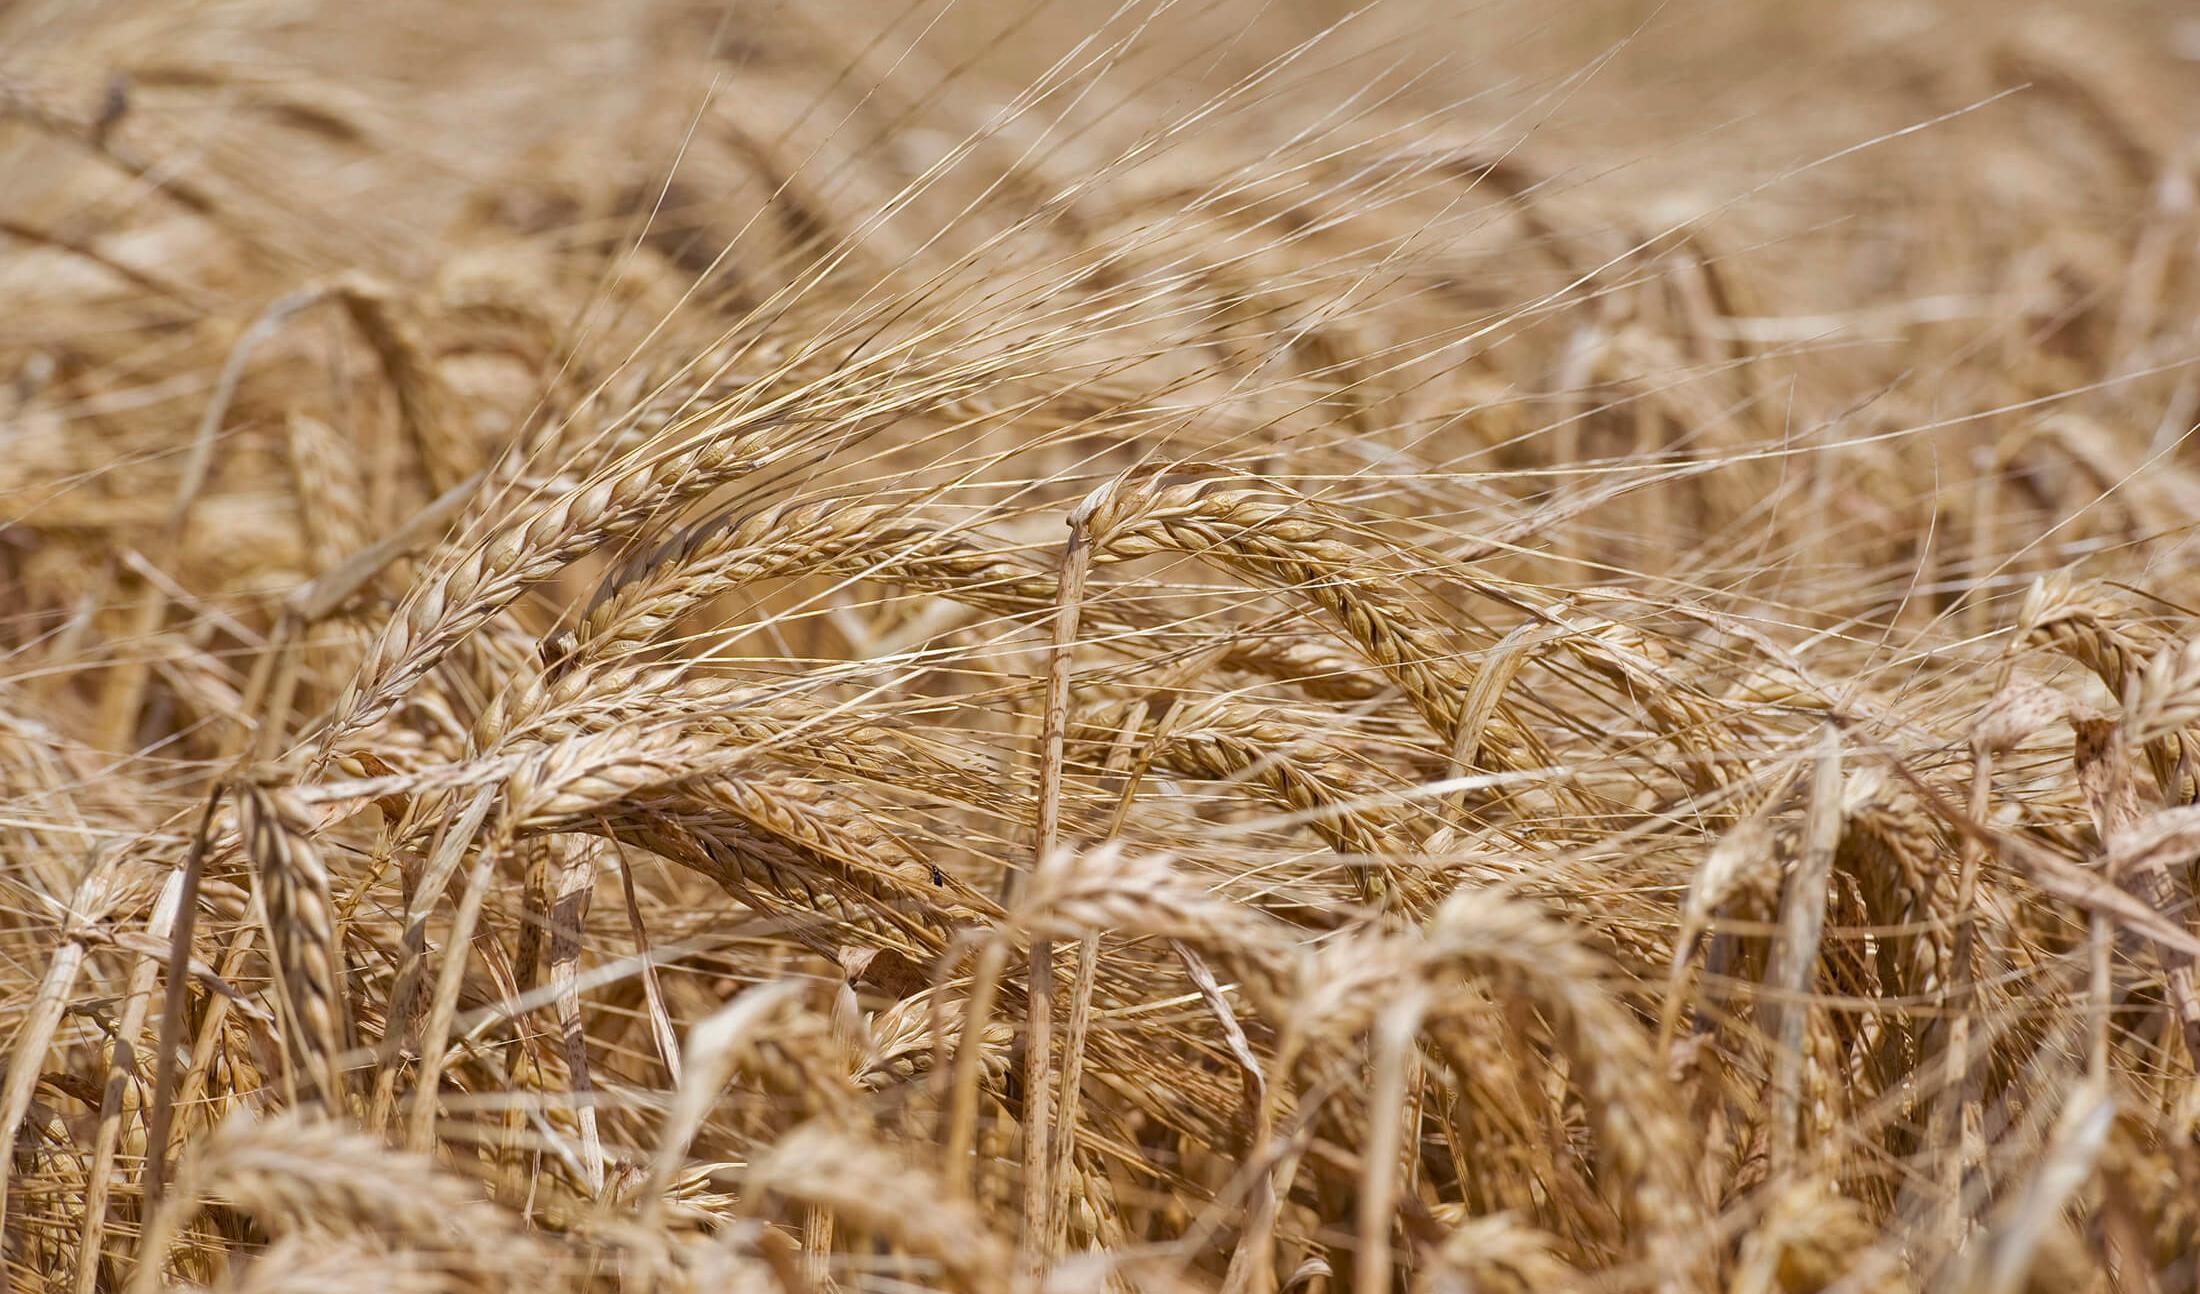 برای ورود گندم به بورس باید توزیع یارانه آن تعیین تکلیف شود